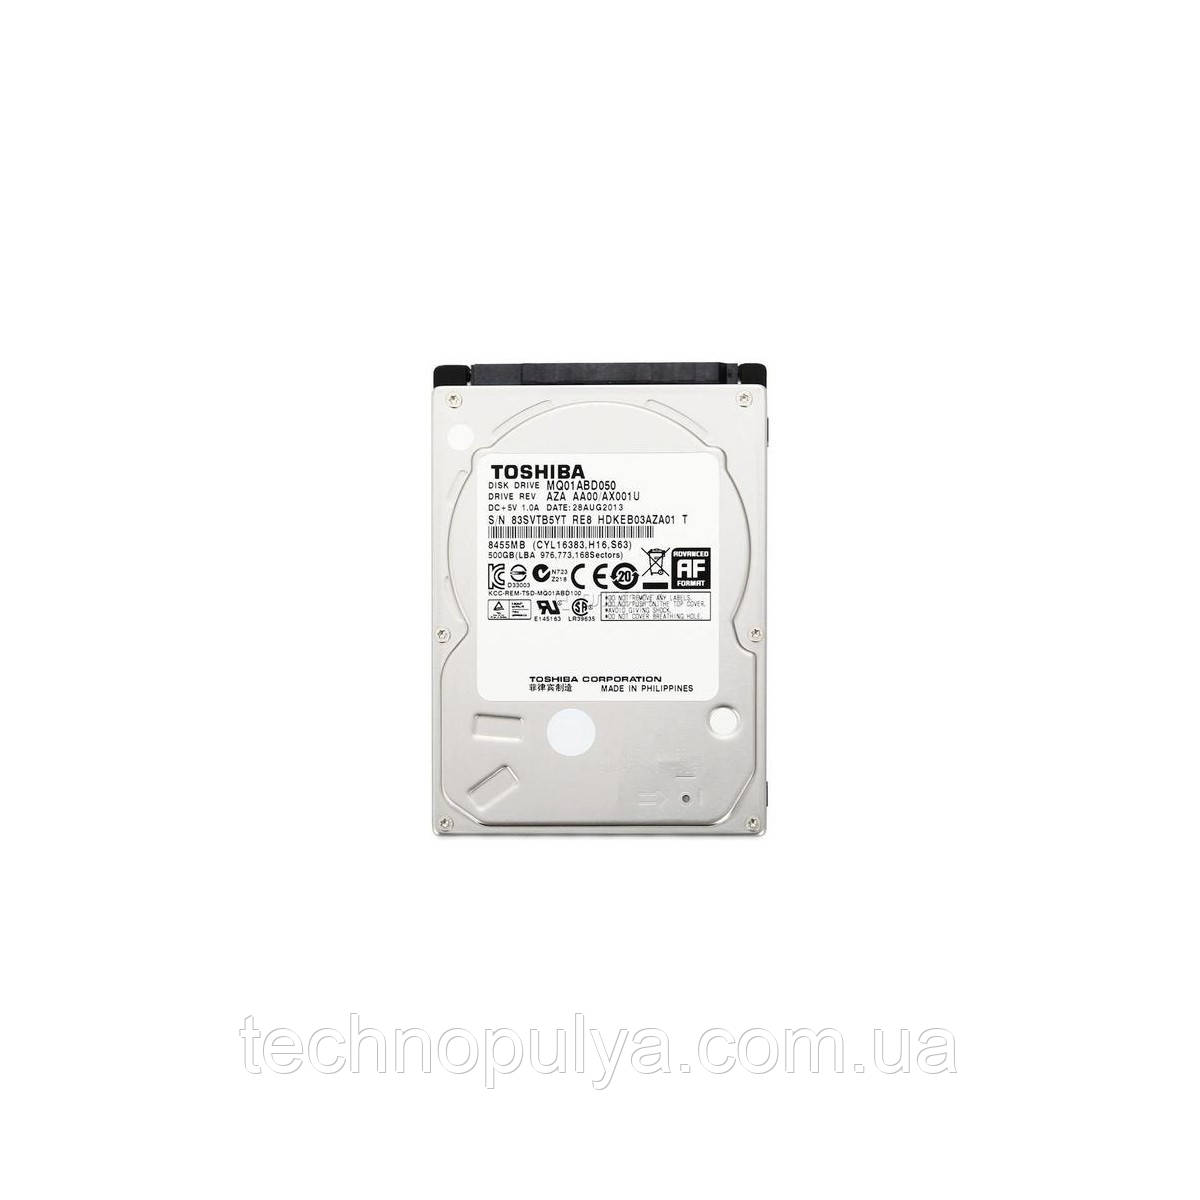 Жесткий диск Toshiba 500GB 5400rpm 8MB MQ01ABD050V 2.5 SATA II Refurbished (100170)